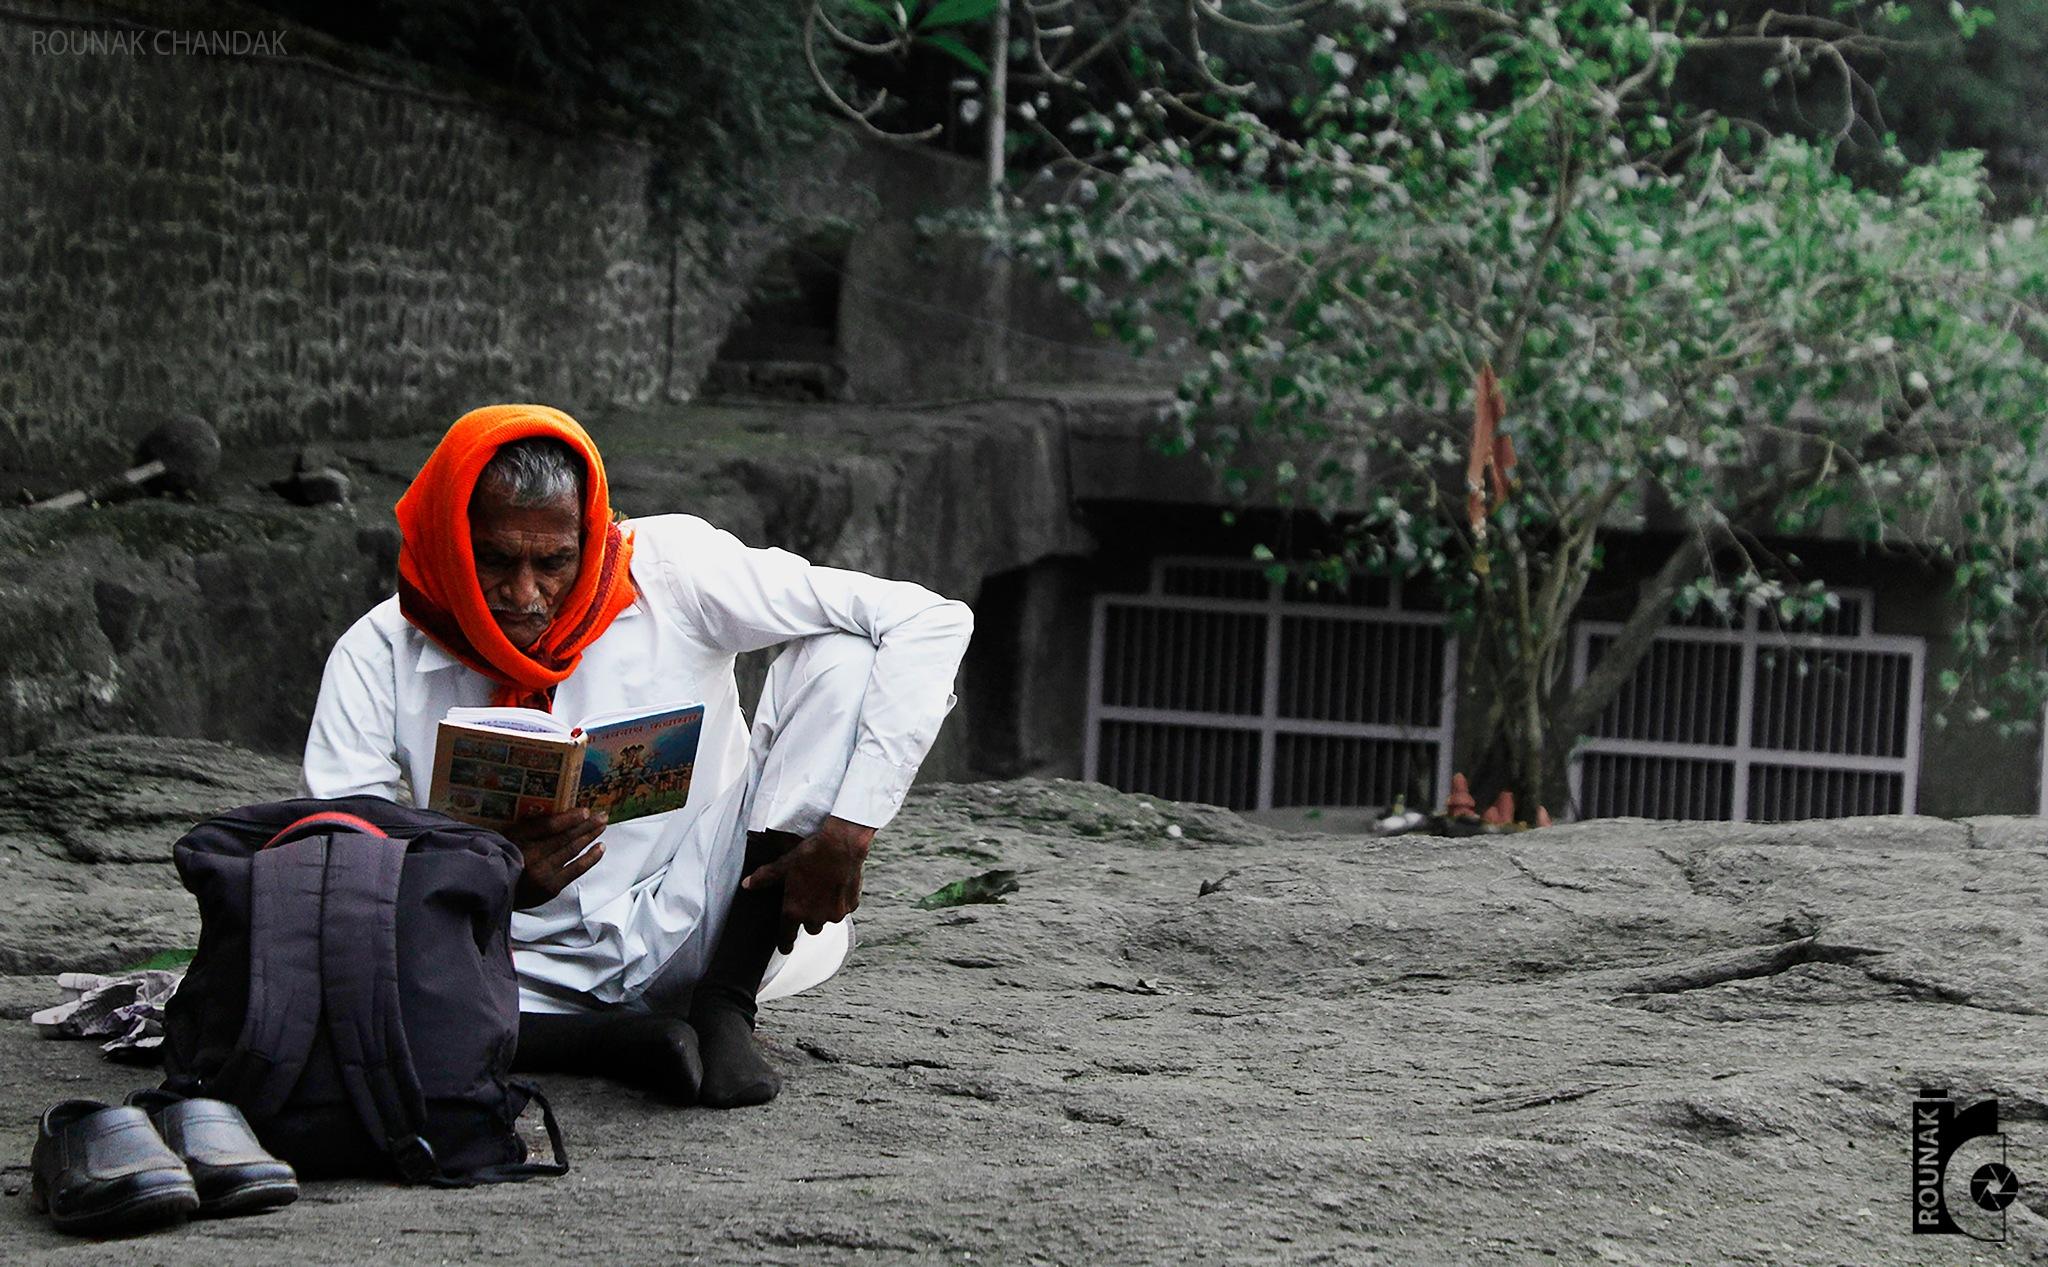 Orange by Rounak Chandak